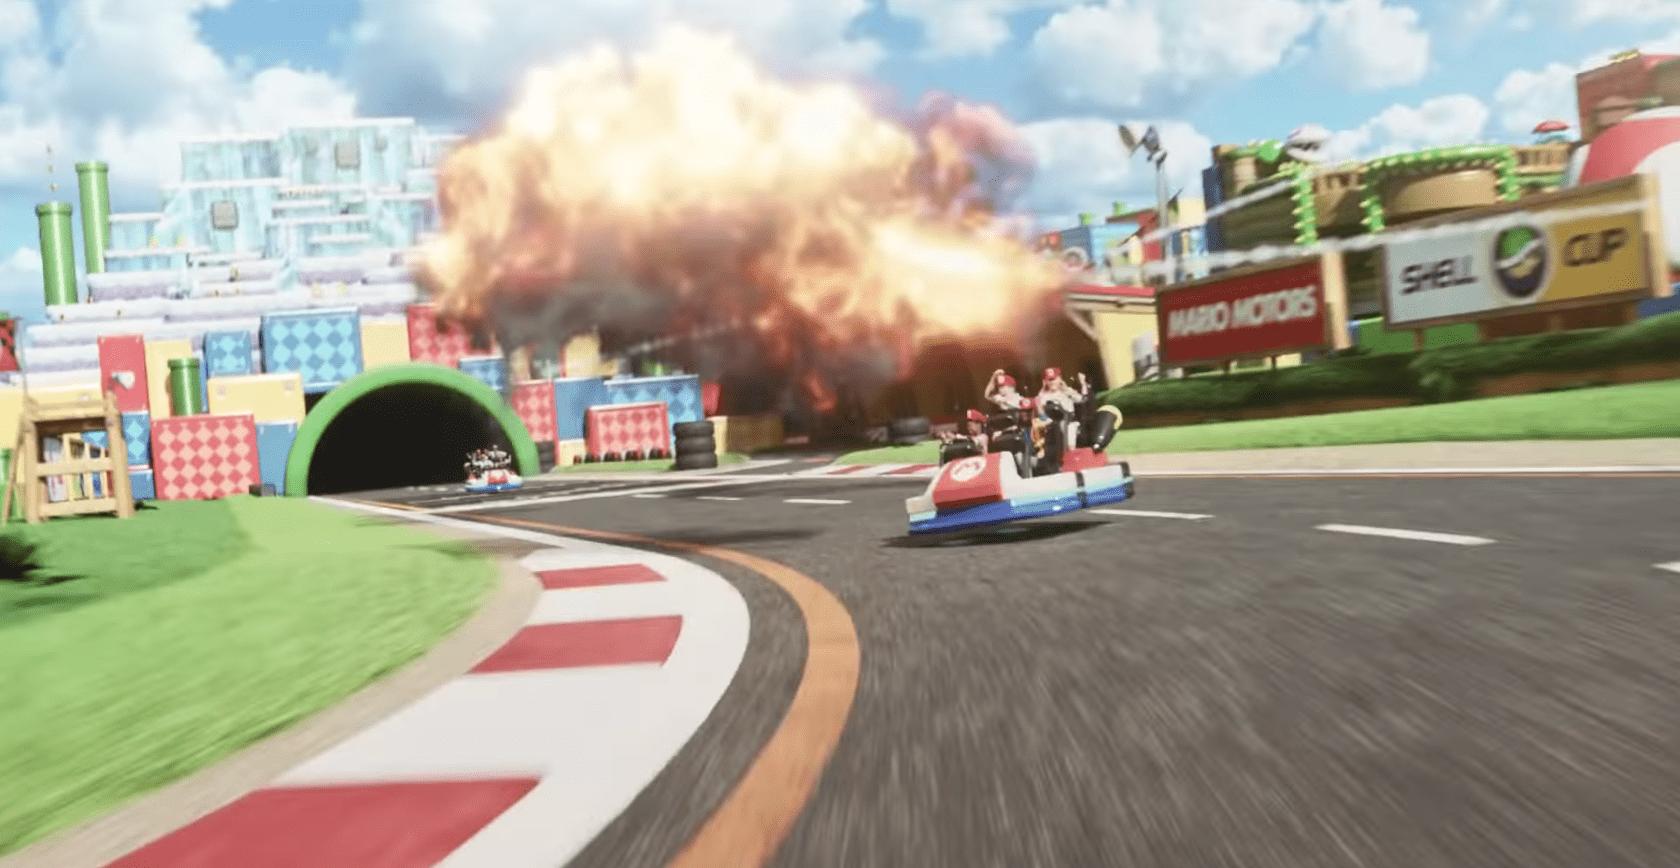 Mario Kart ride attraction at SUPER NINTENDOWORLD